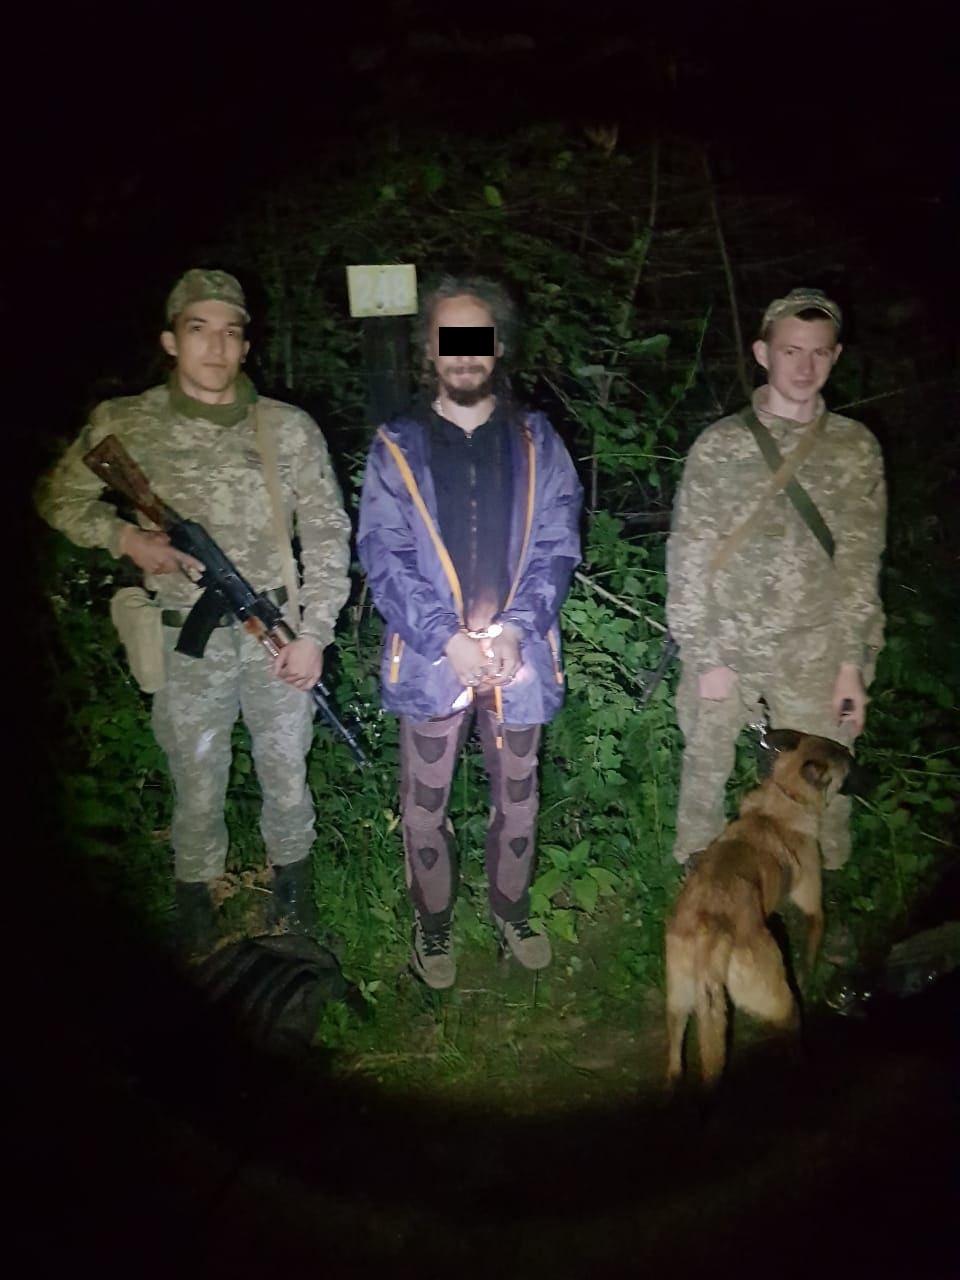 На Закарпатті затримали у лісі румуна, що намагався дістатися Німеччини